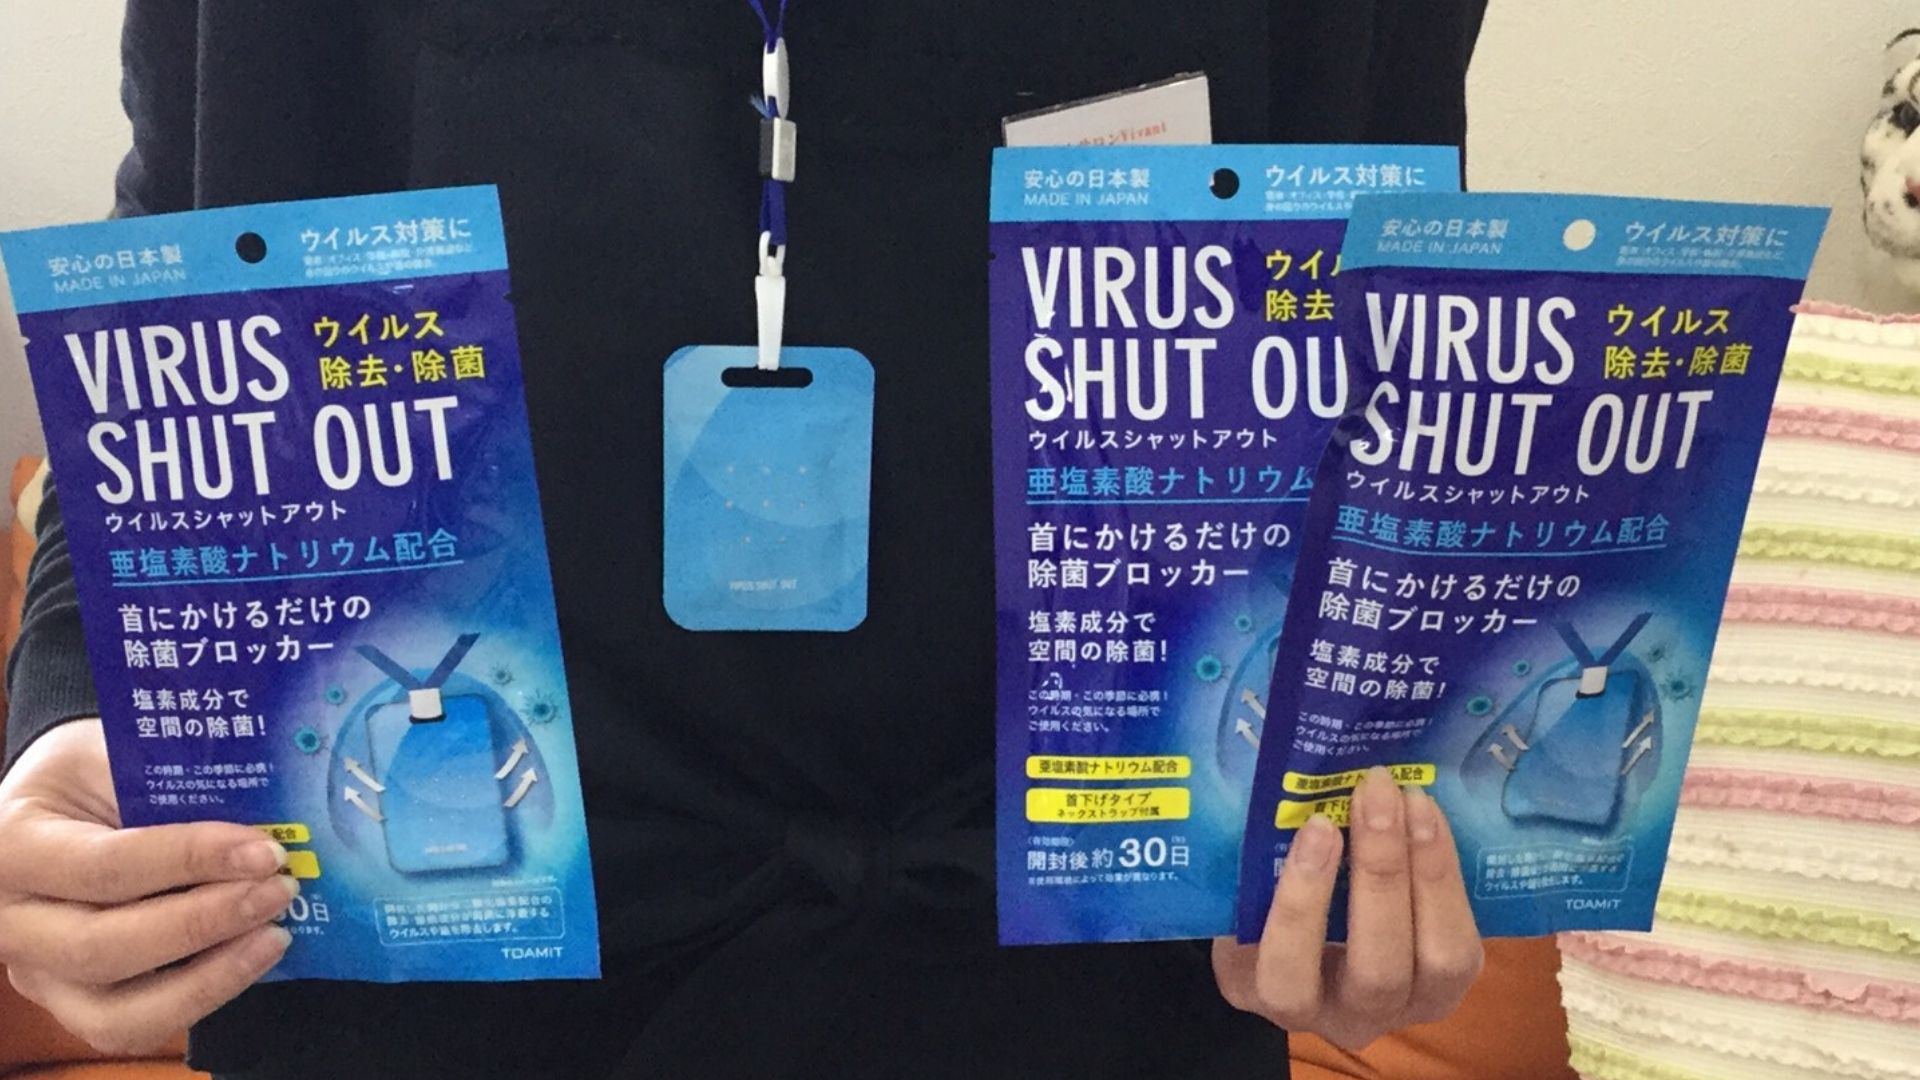 ウイルス除去・除菌シート